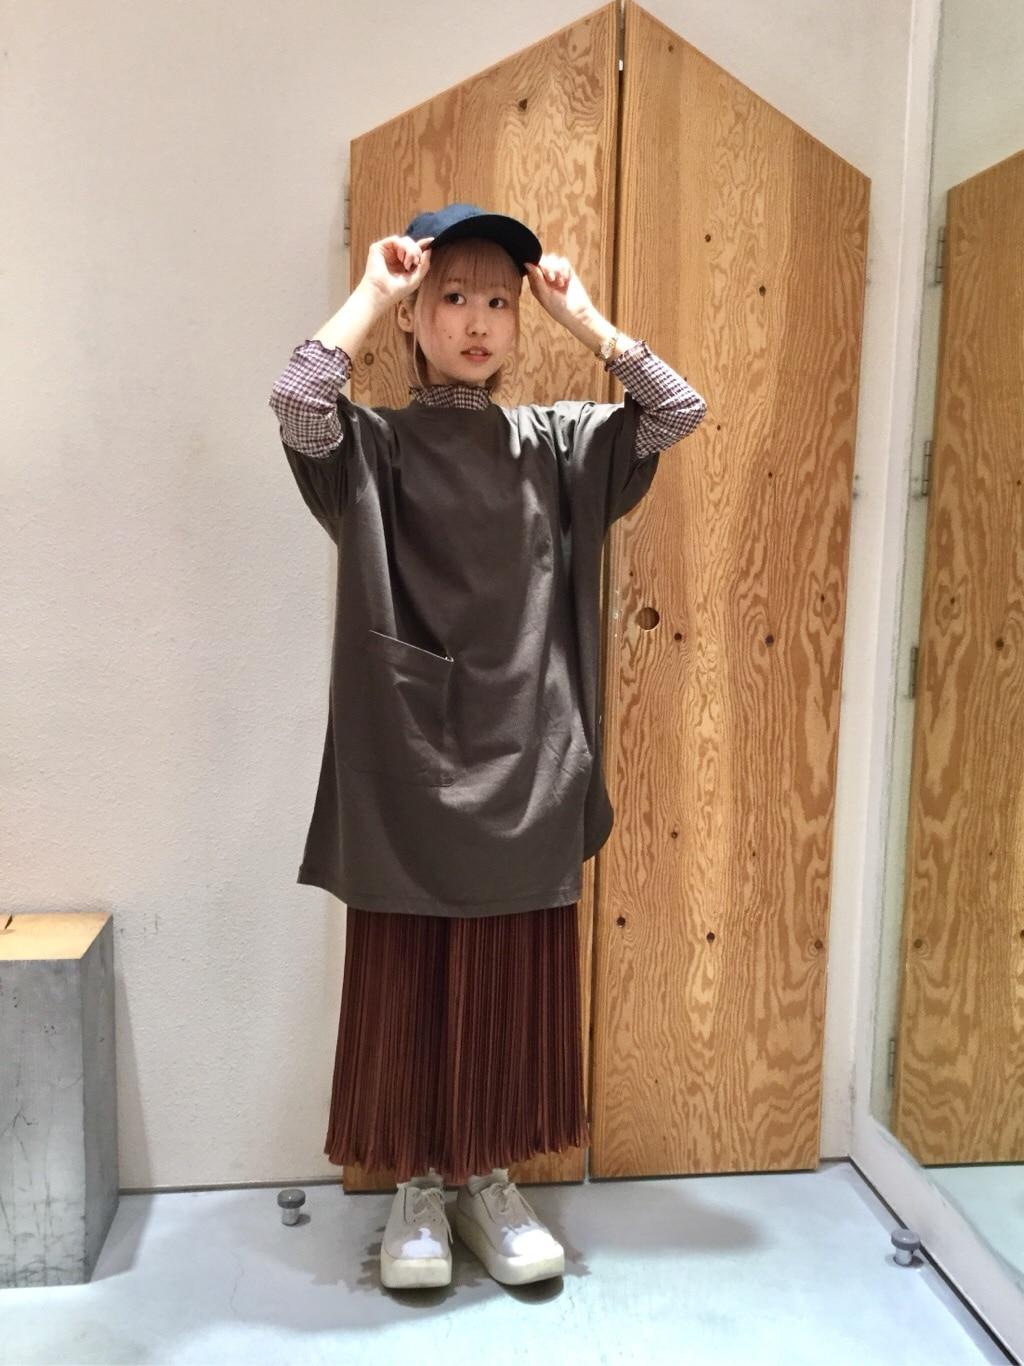 l'atelier du savon グランフロント大阪 身長:157cm 2019.08.06